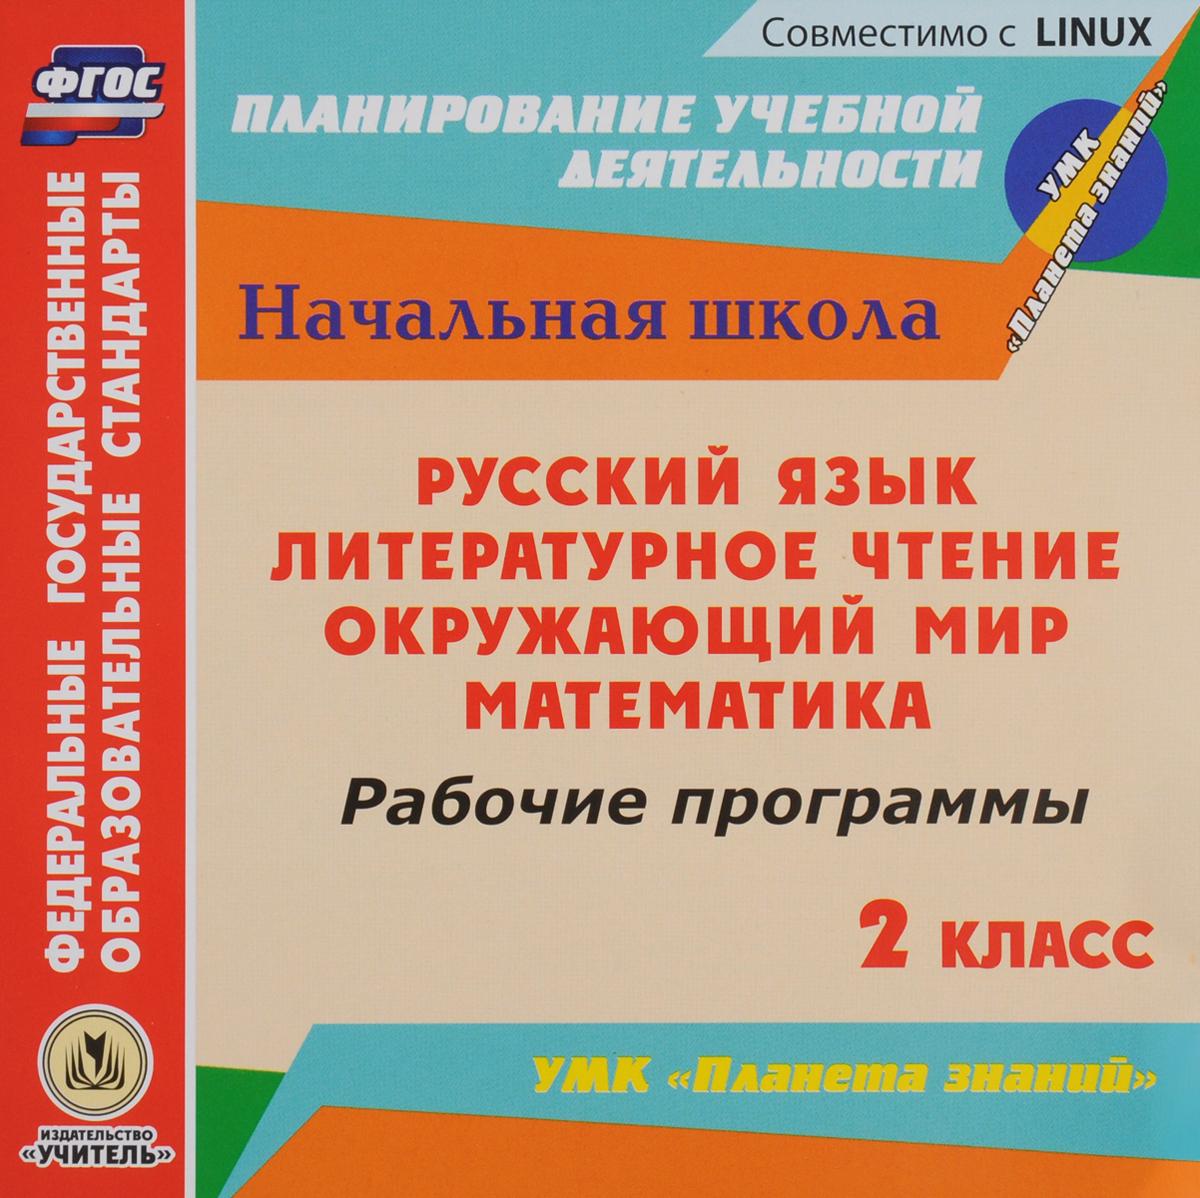 Рабочие программы по УМК Планета знаний. Русский язык. Литературное чтение. Математика. Окружающий мир. 2 класс